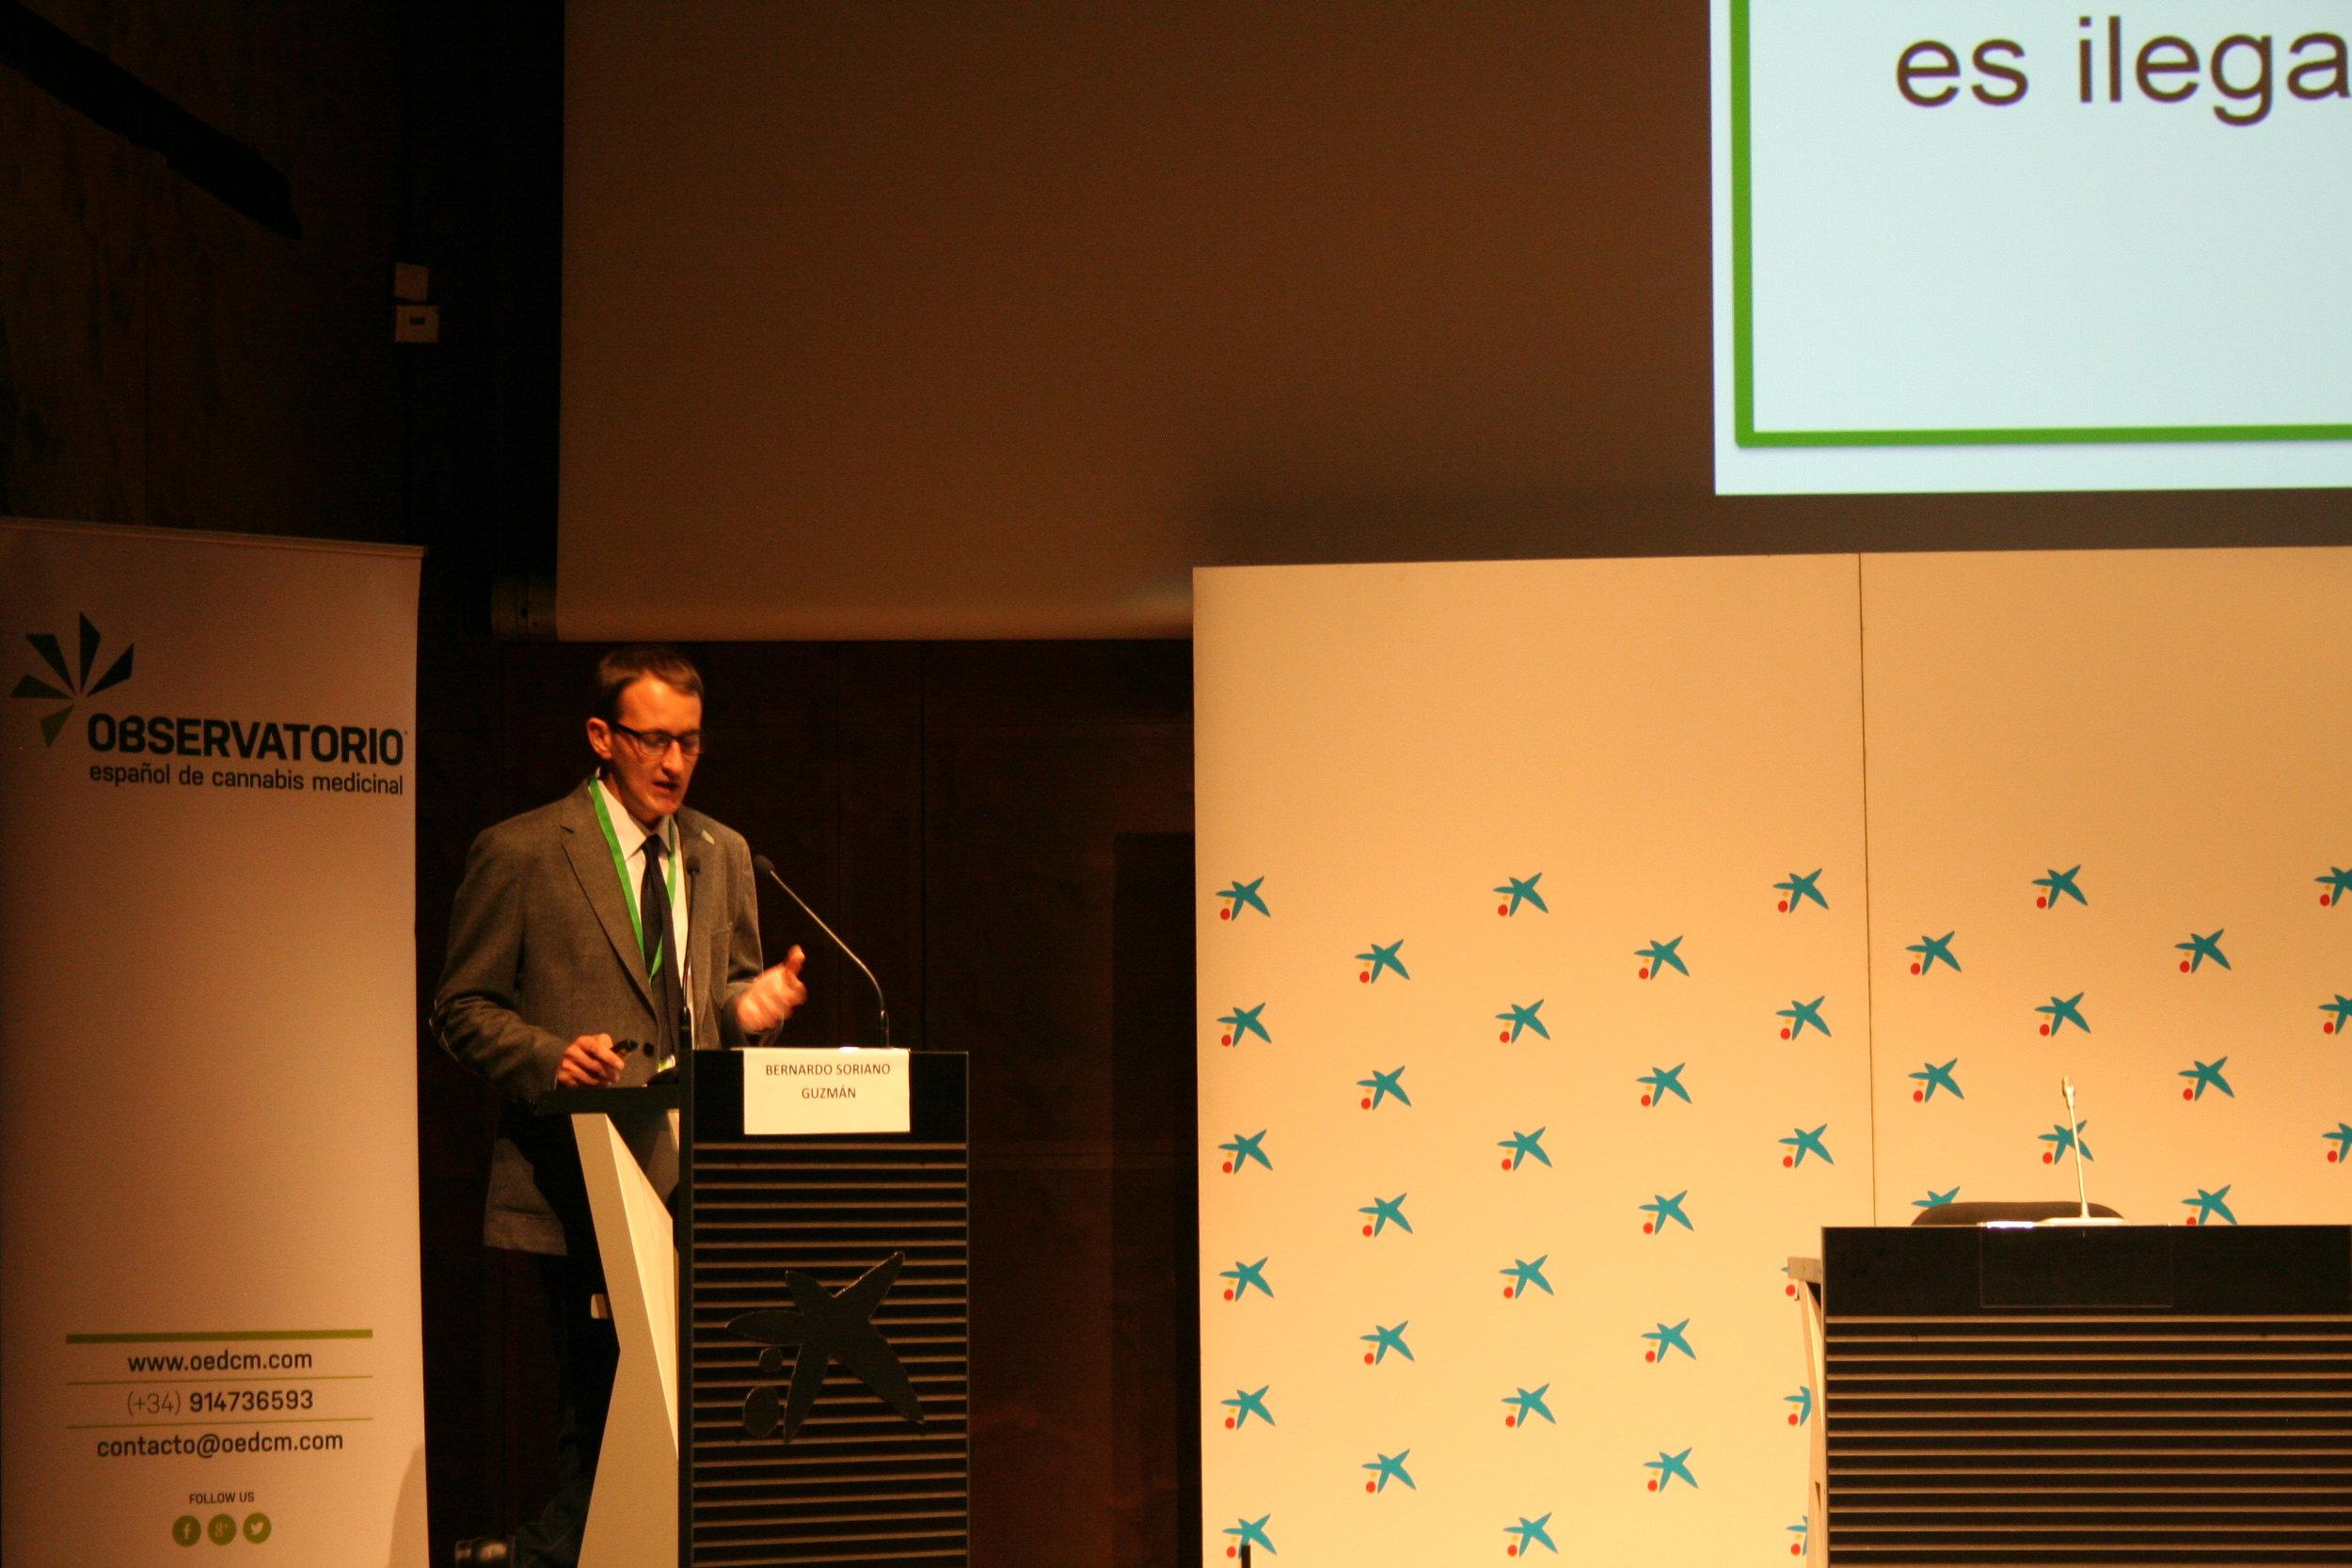 Bernardo Soriano durante su exposición sobre la legislación actual del cannabis en España.